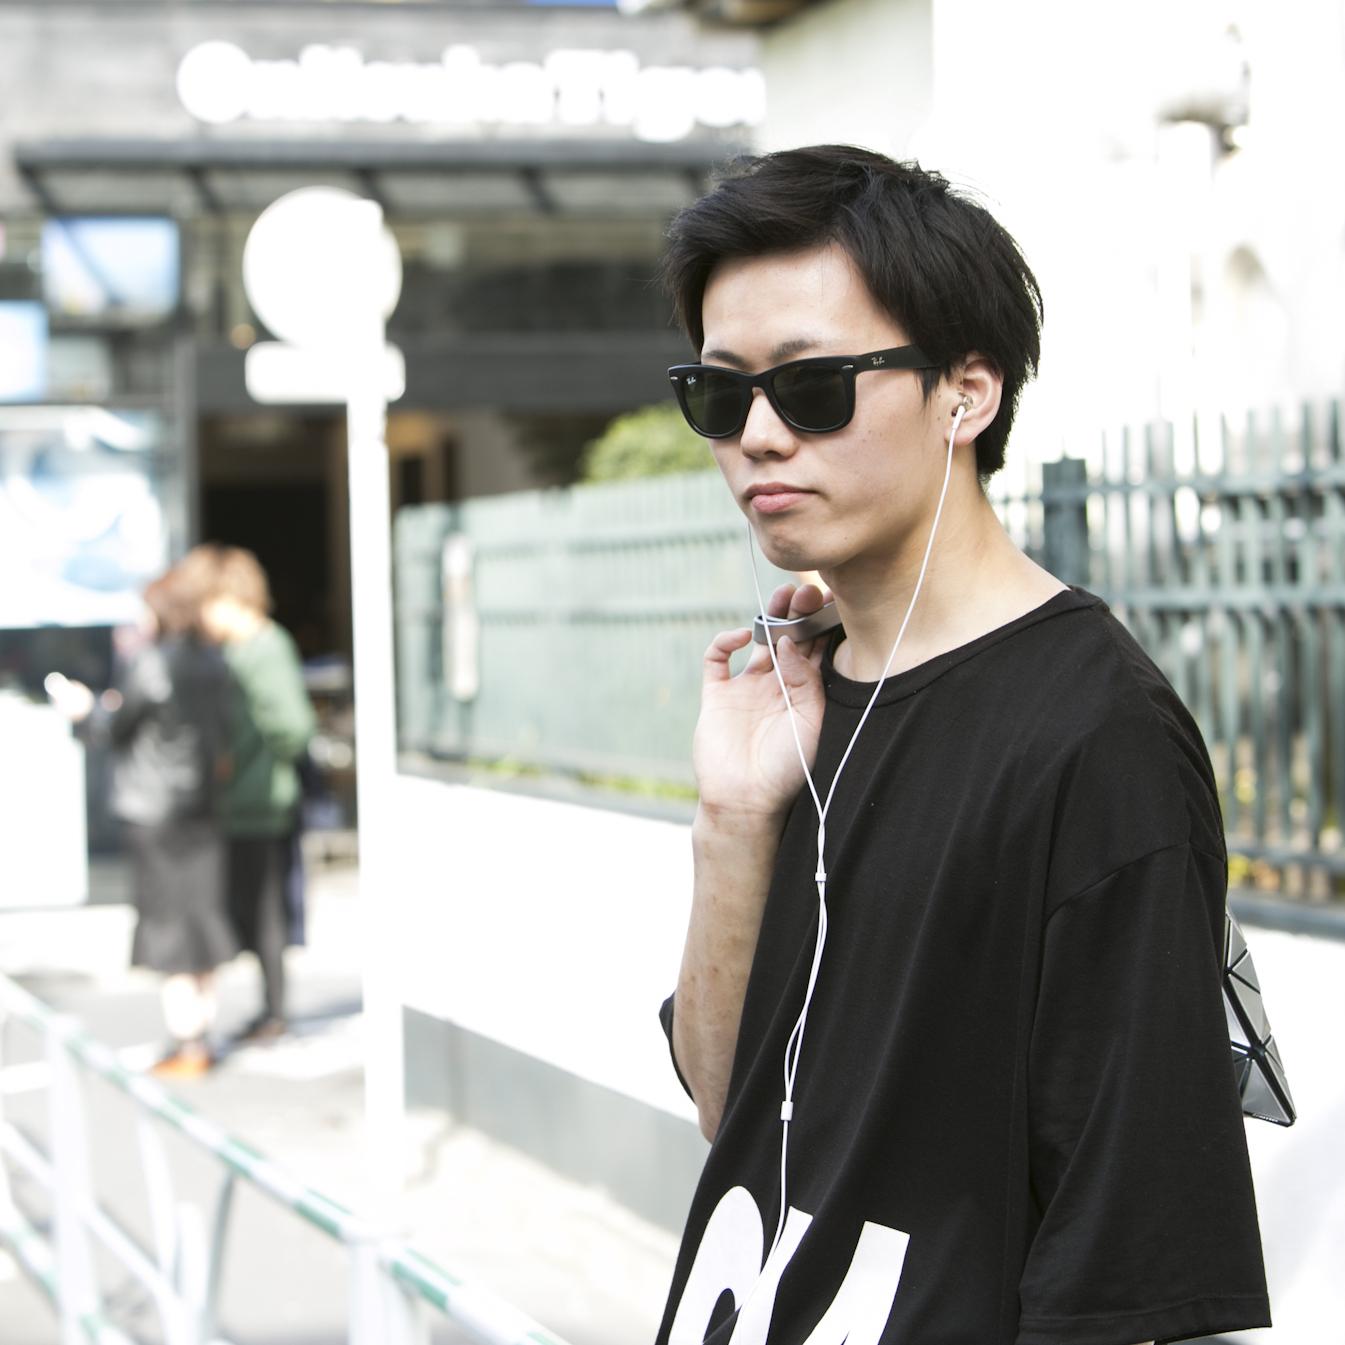 22歳・雄貴「服は消耗品。次の年には着ない」【18-22 SNAP #013】